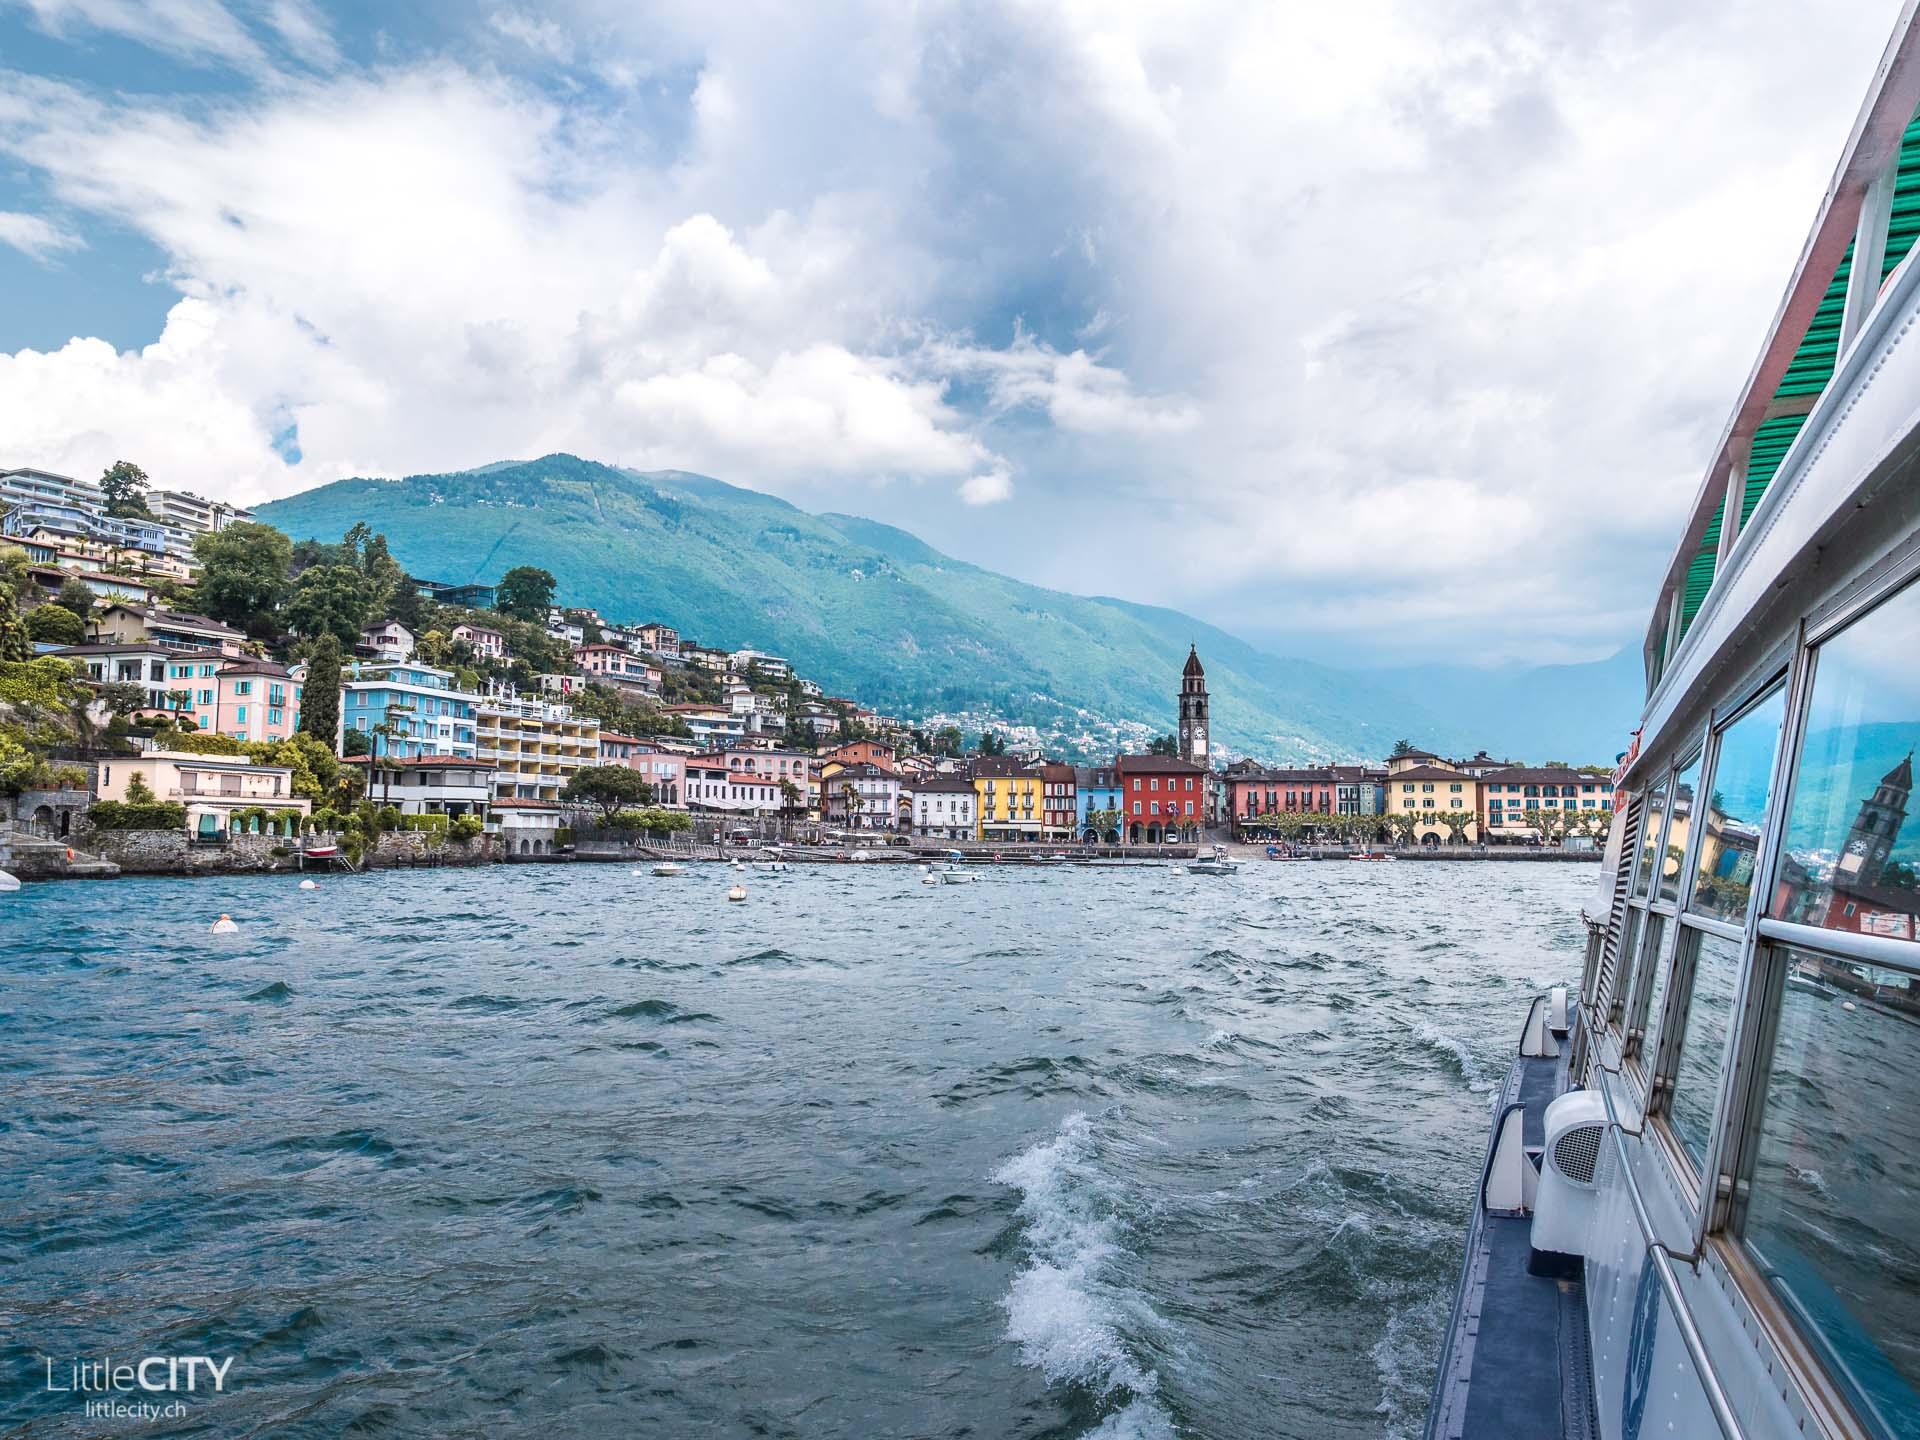 Brissago Inseln Schiff Ascona